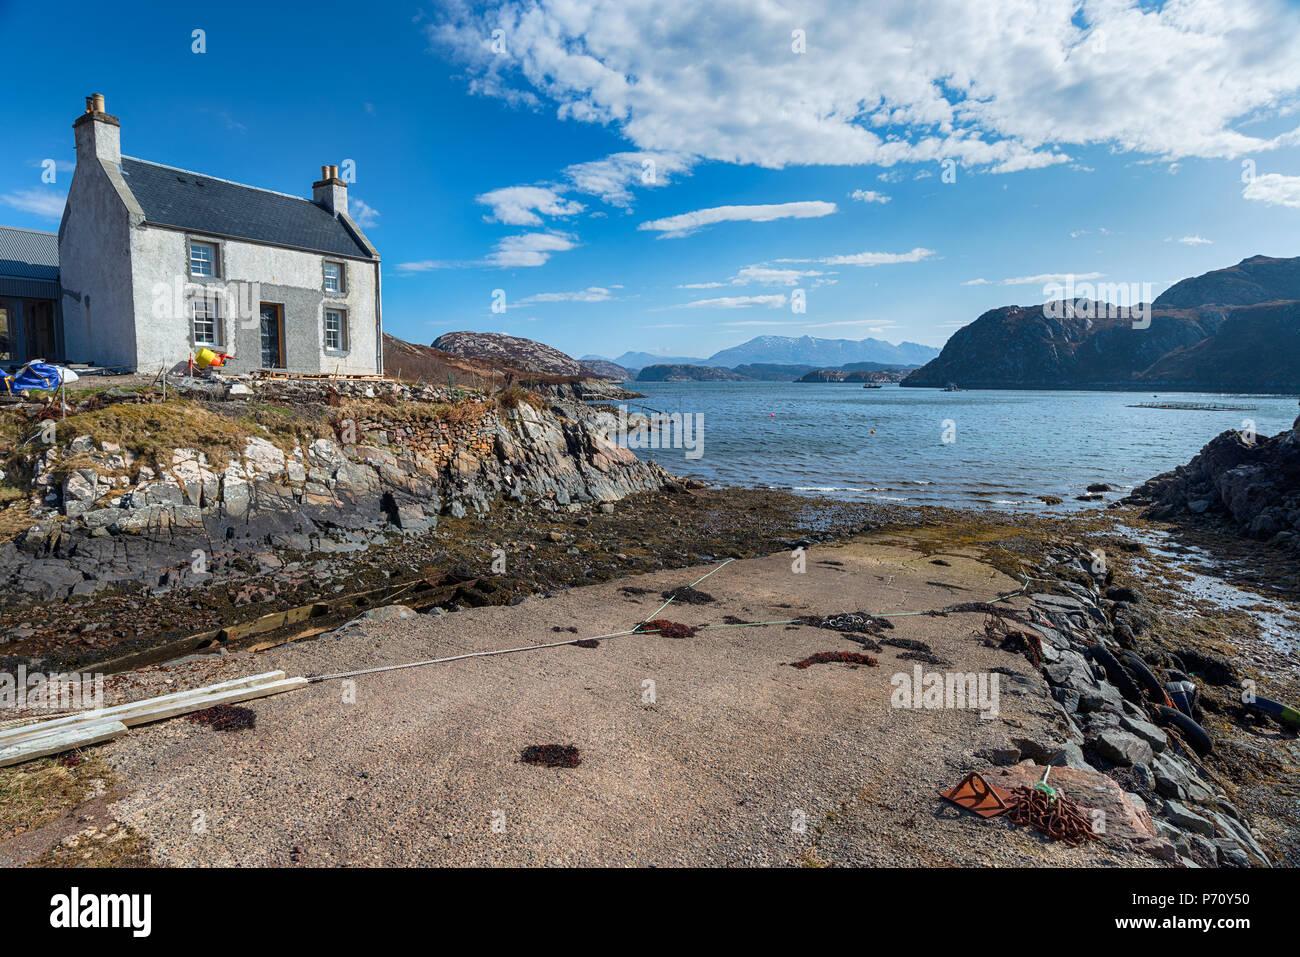 Le hameau éloigné de Fanagmore sur les rives du Loch Laxford à Sutherland dans les Highlands écossais dans le nord-ouest de l'Ecosse jusqu'. Photo Stock